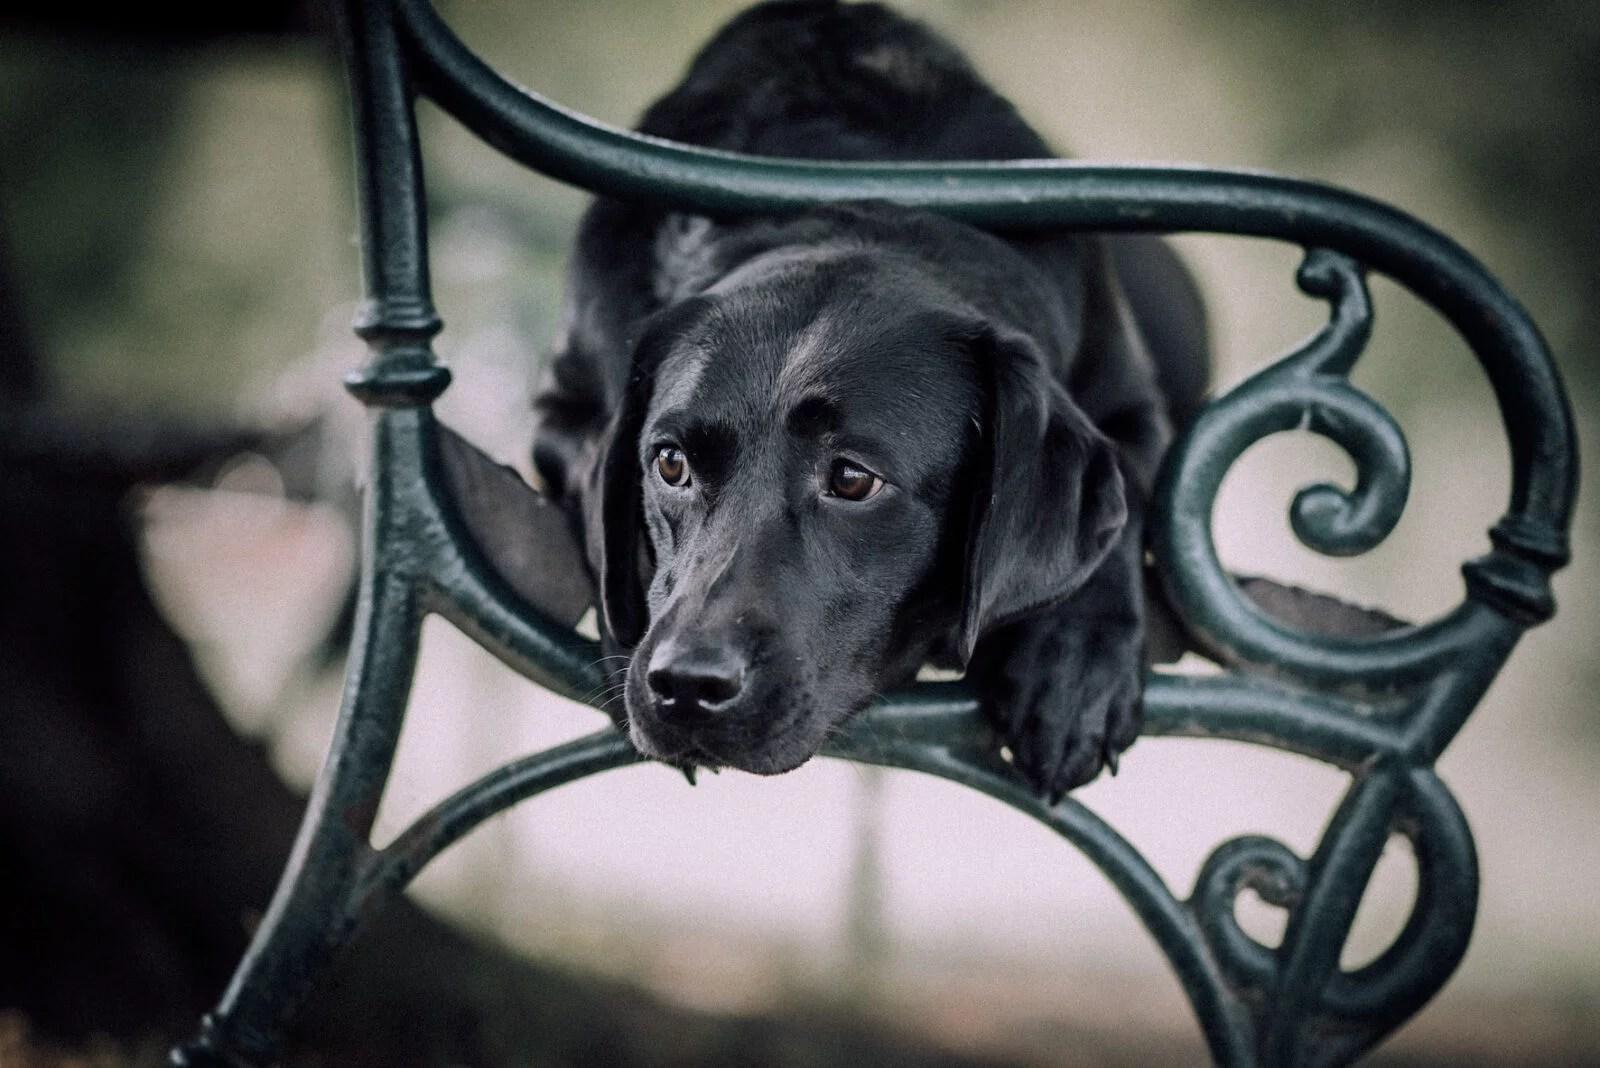 trainingspläne-im-hundetraining-erstellen-infos-anfänger-hundetrainer